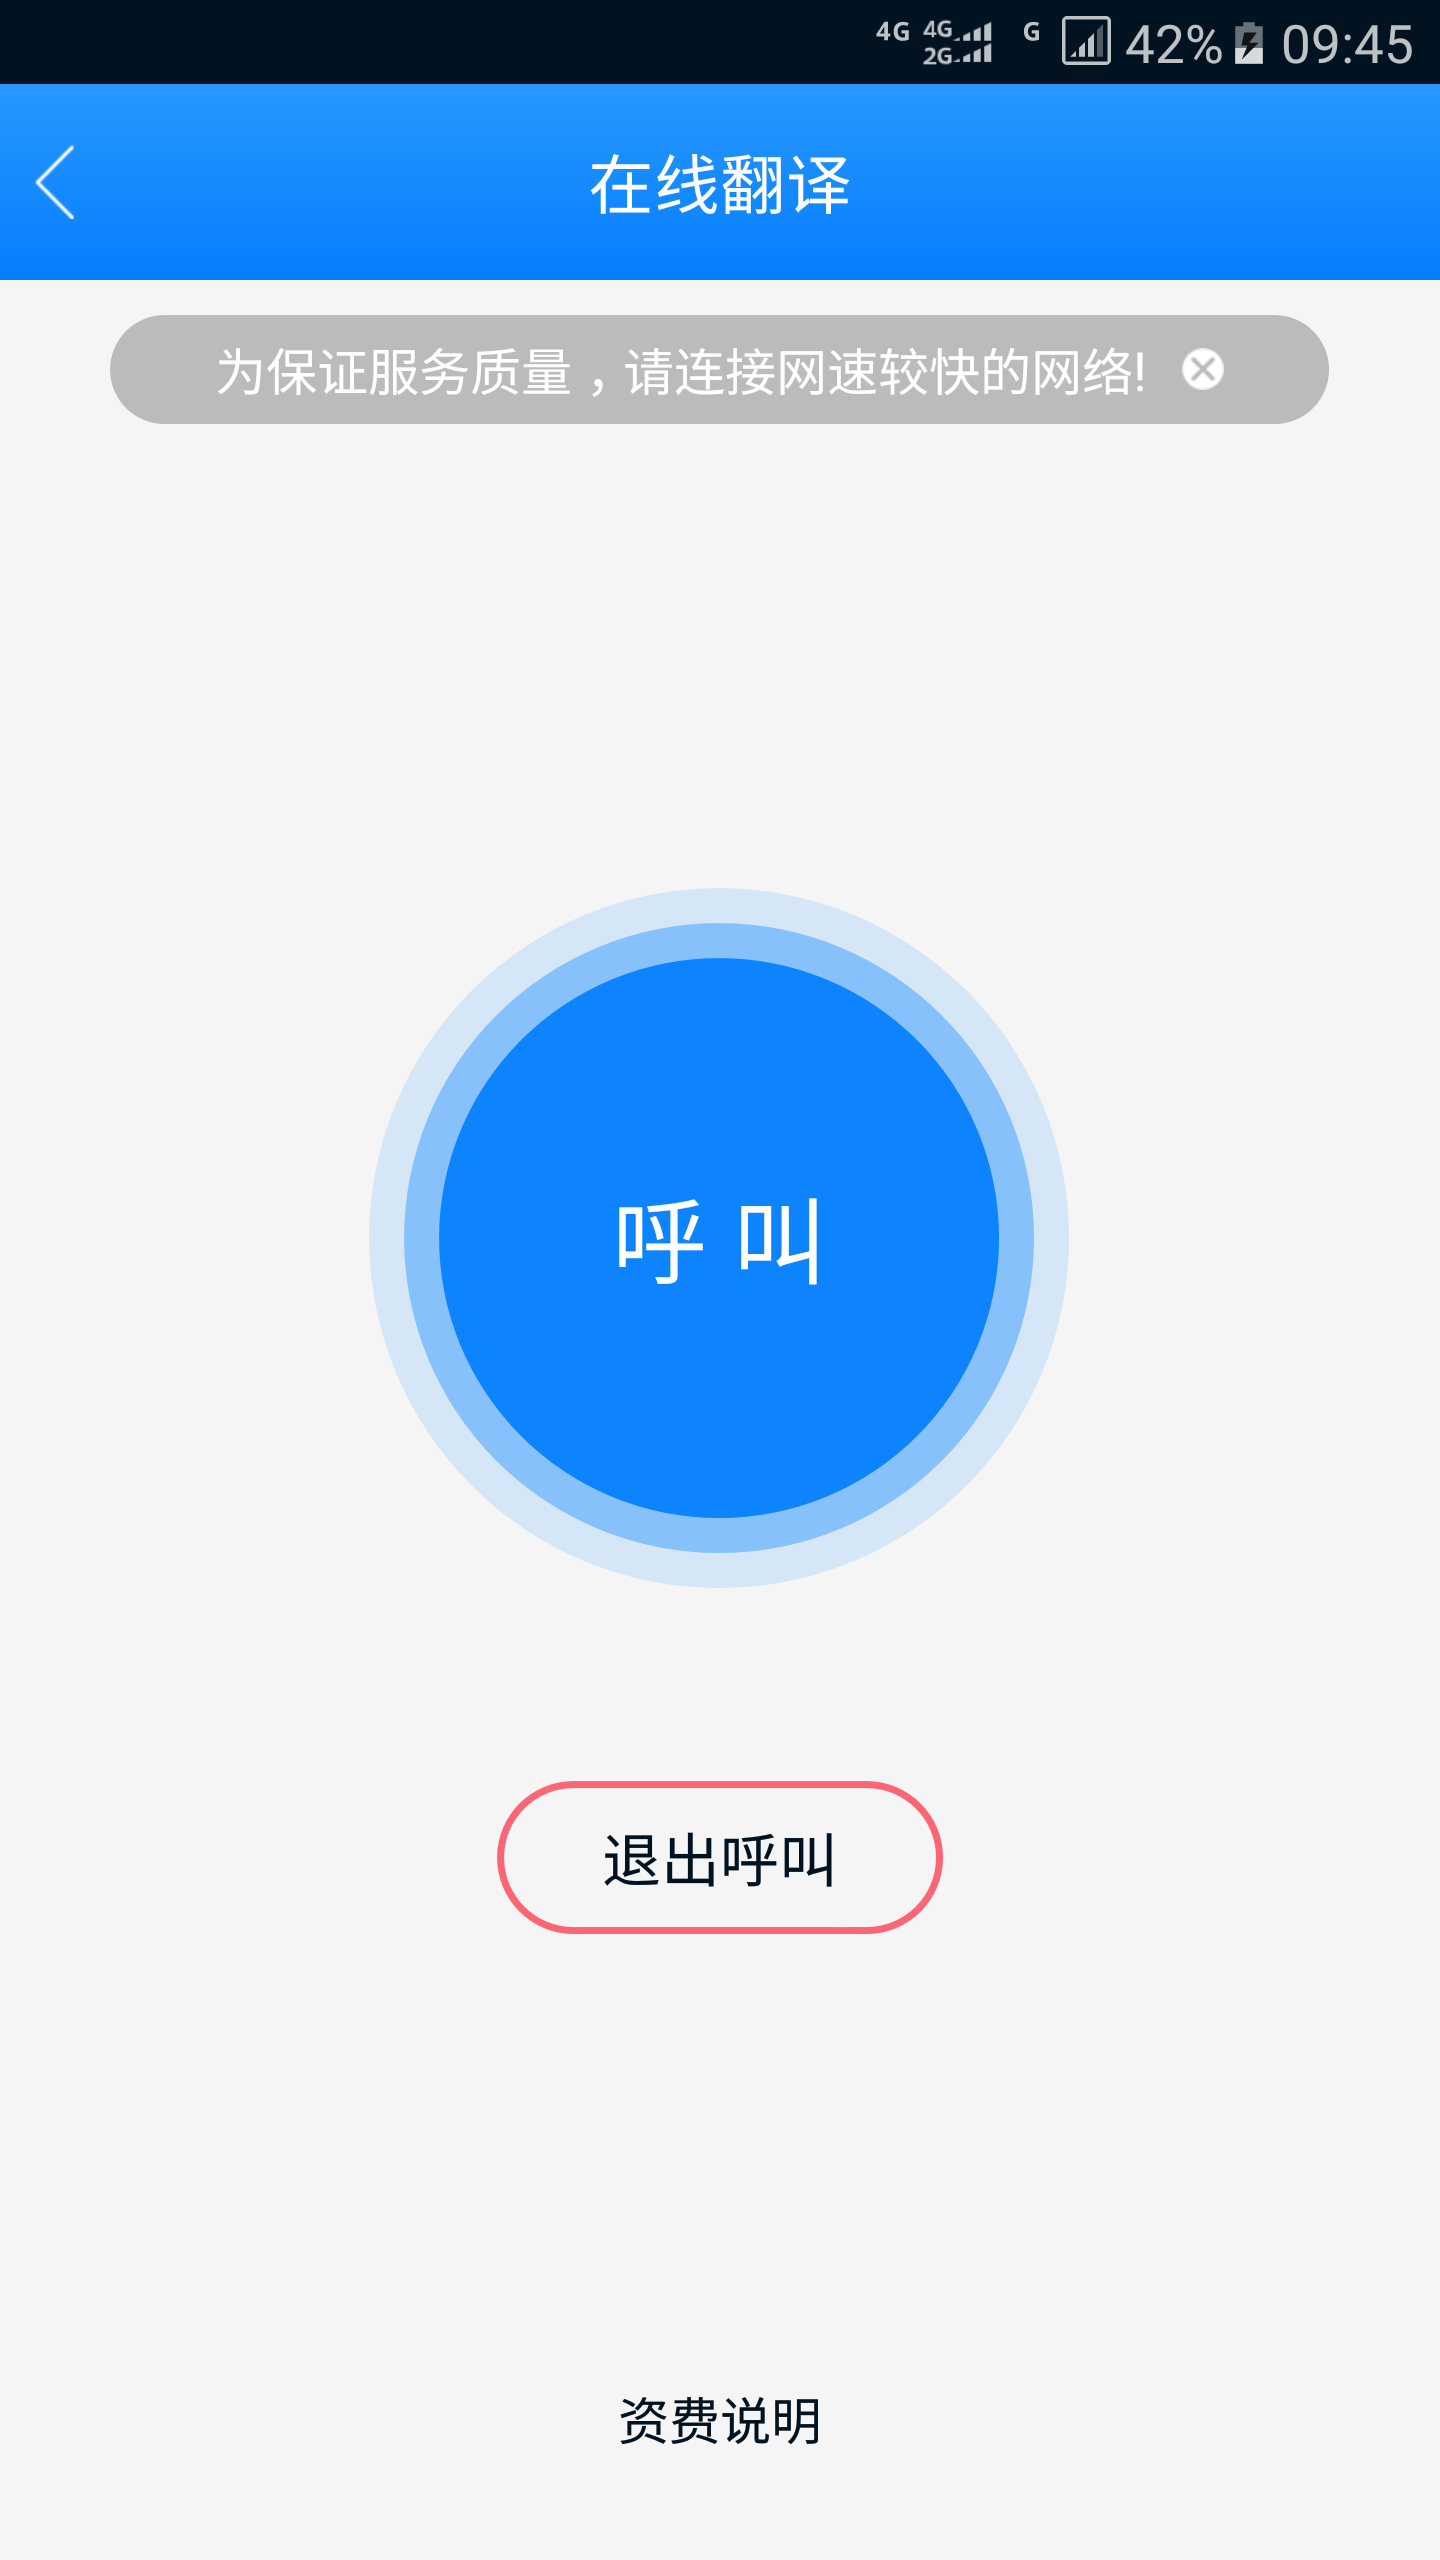 手之声 V2.5.0.3411 安卓版截图5